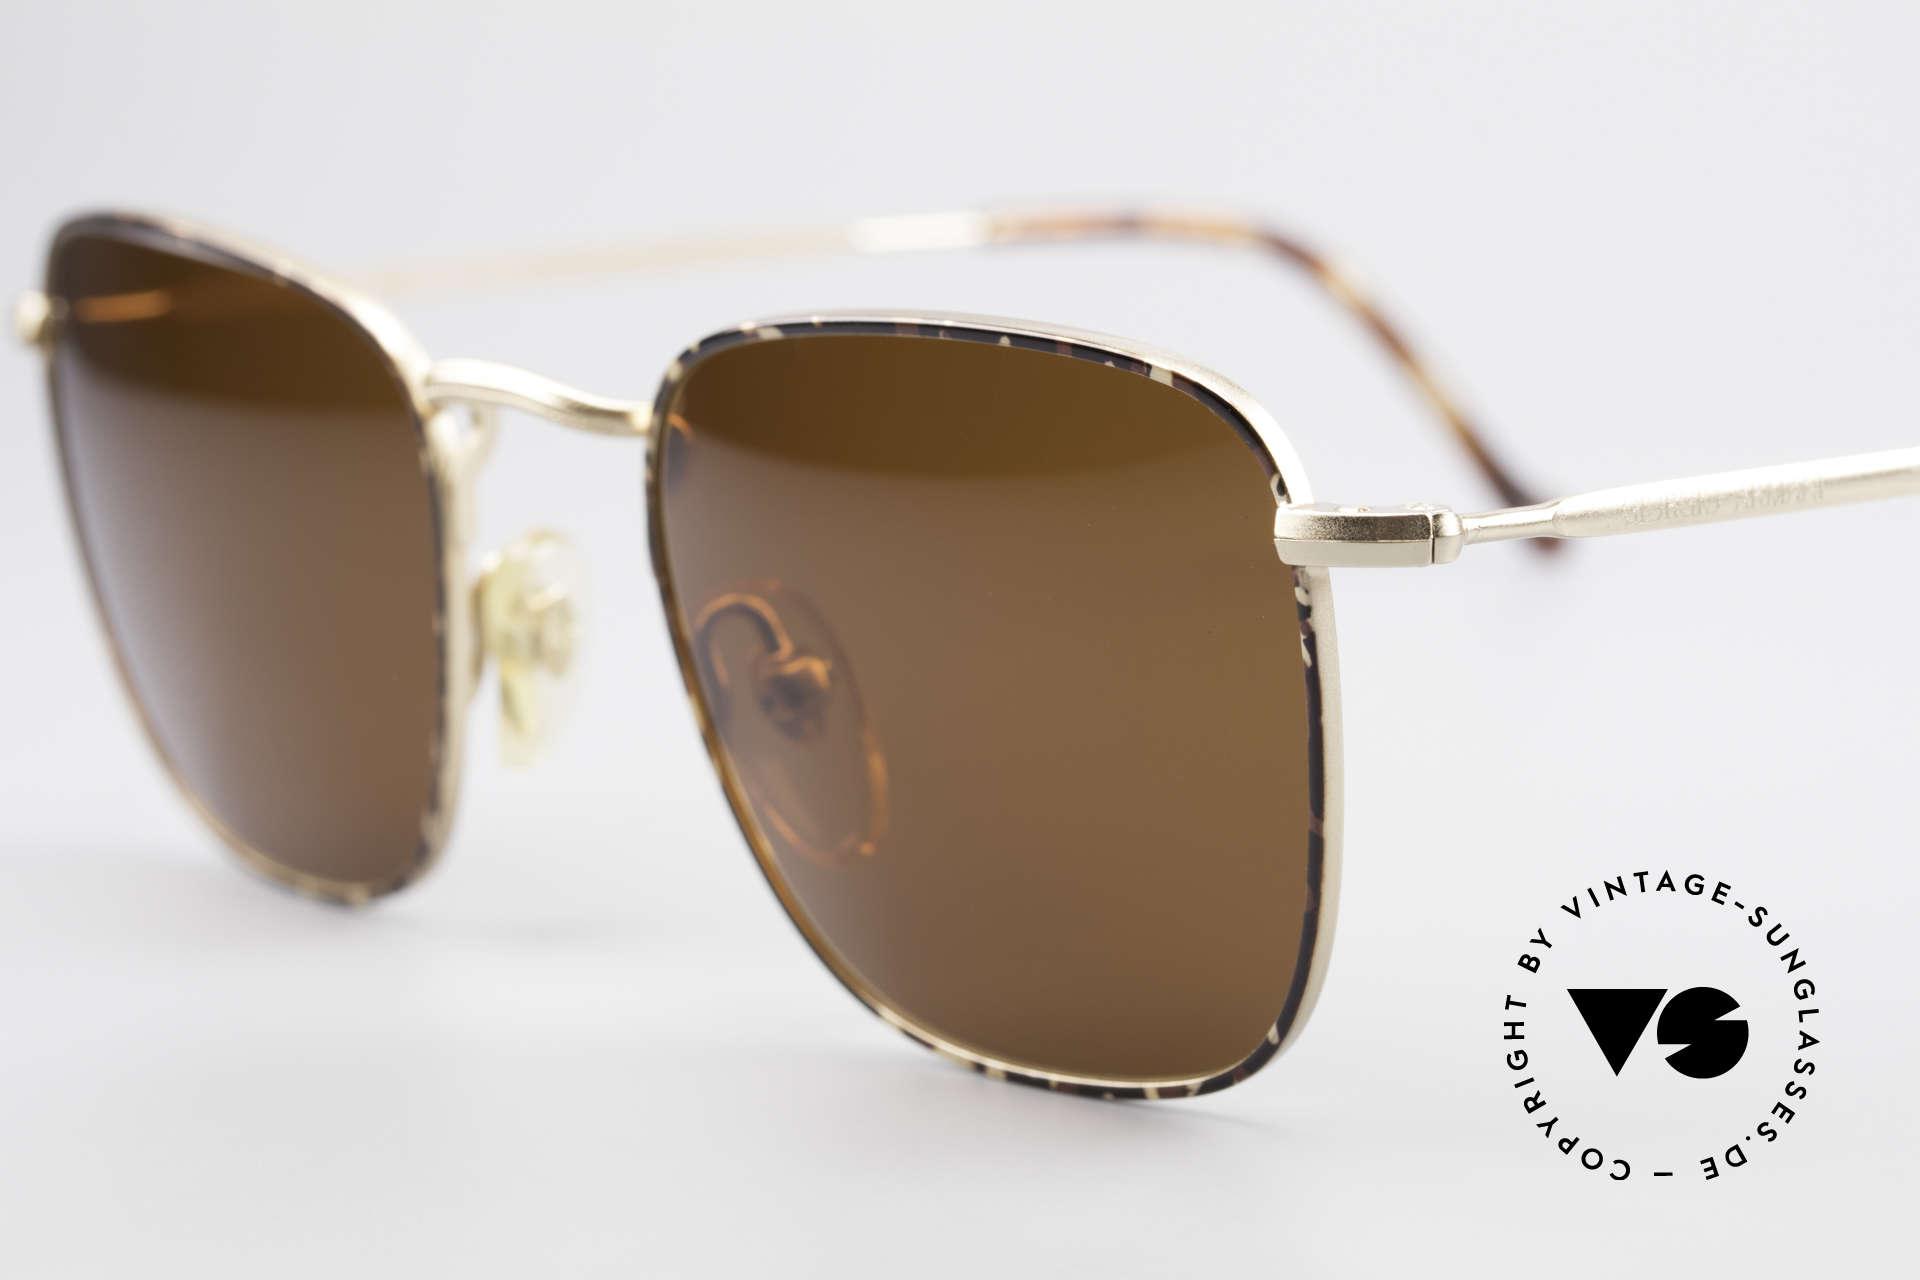 Giorgio Armani 137 Eckige Panto Vintage Brille, Sonnengläser in einem kräftigen Braun (100% UV), Passend für Herren